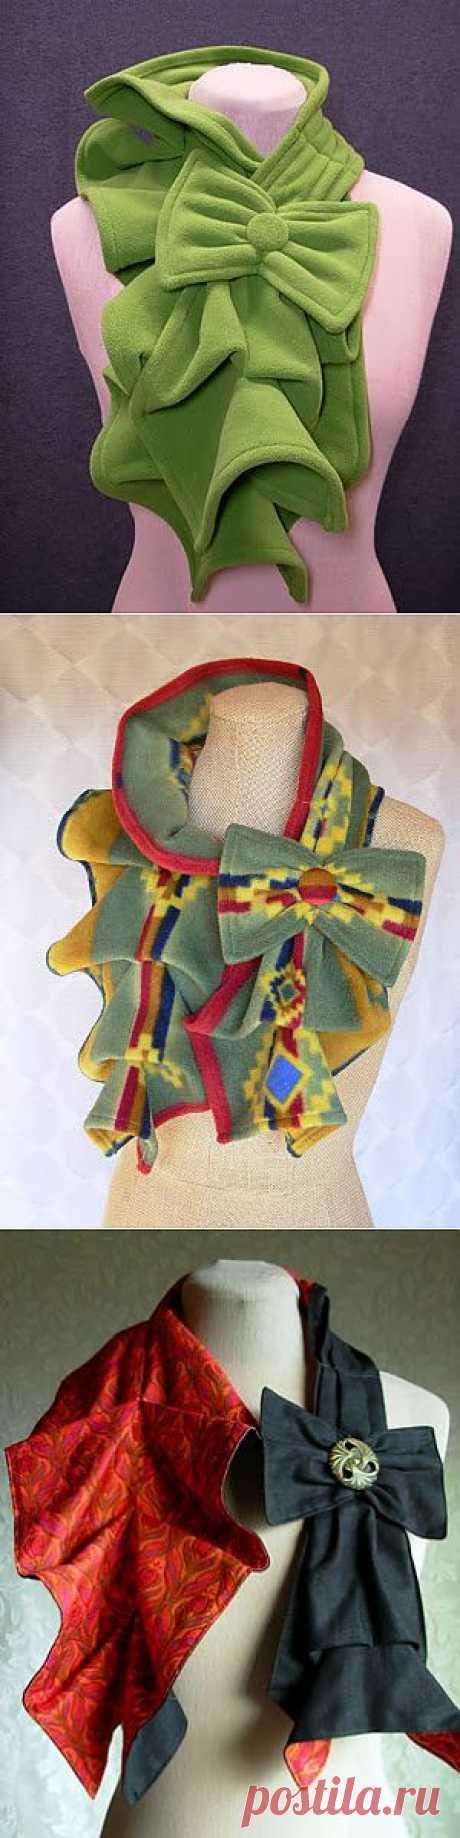 Как сшить шарф, который украсит любой наряд..